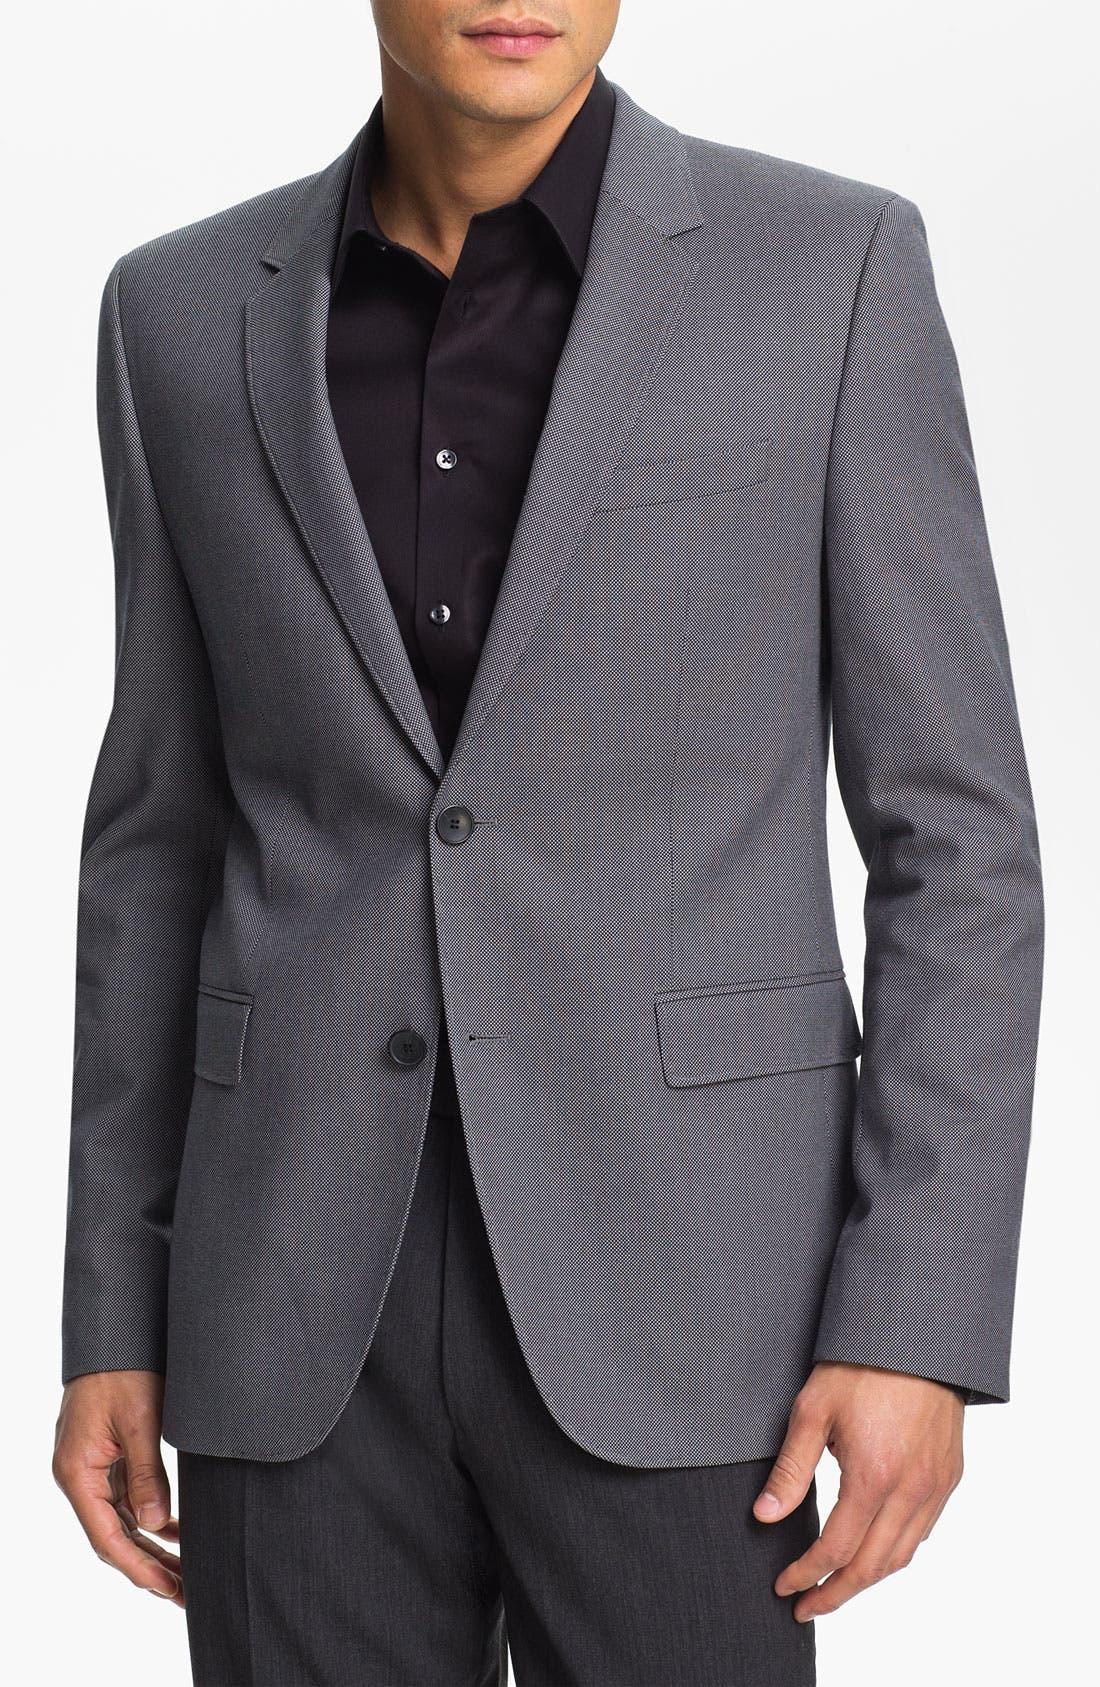 Alternate Image 1 Selected - HUGO 'Aeris' Trim Fit Blazer (Online Only)